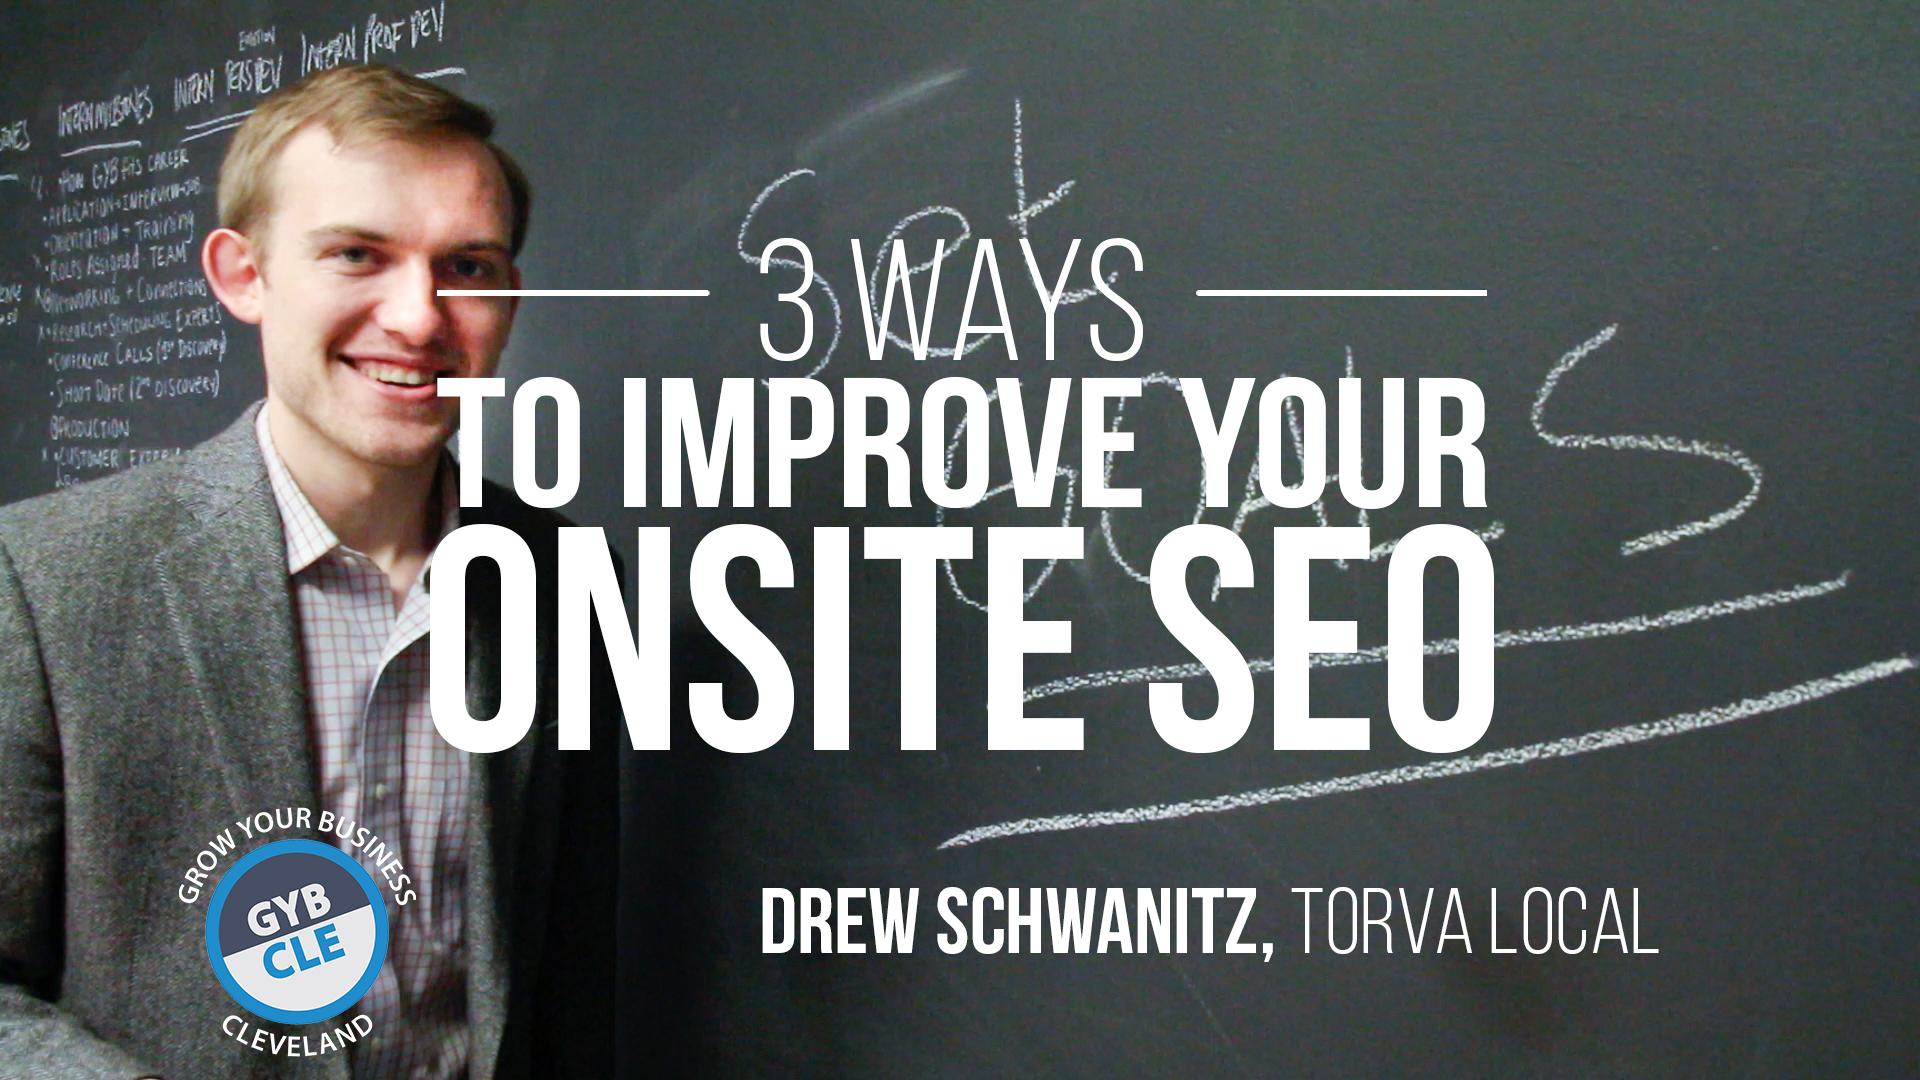 Drew Shwanitz